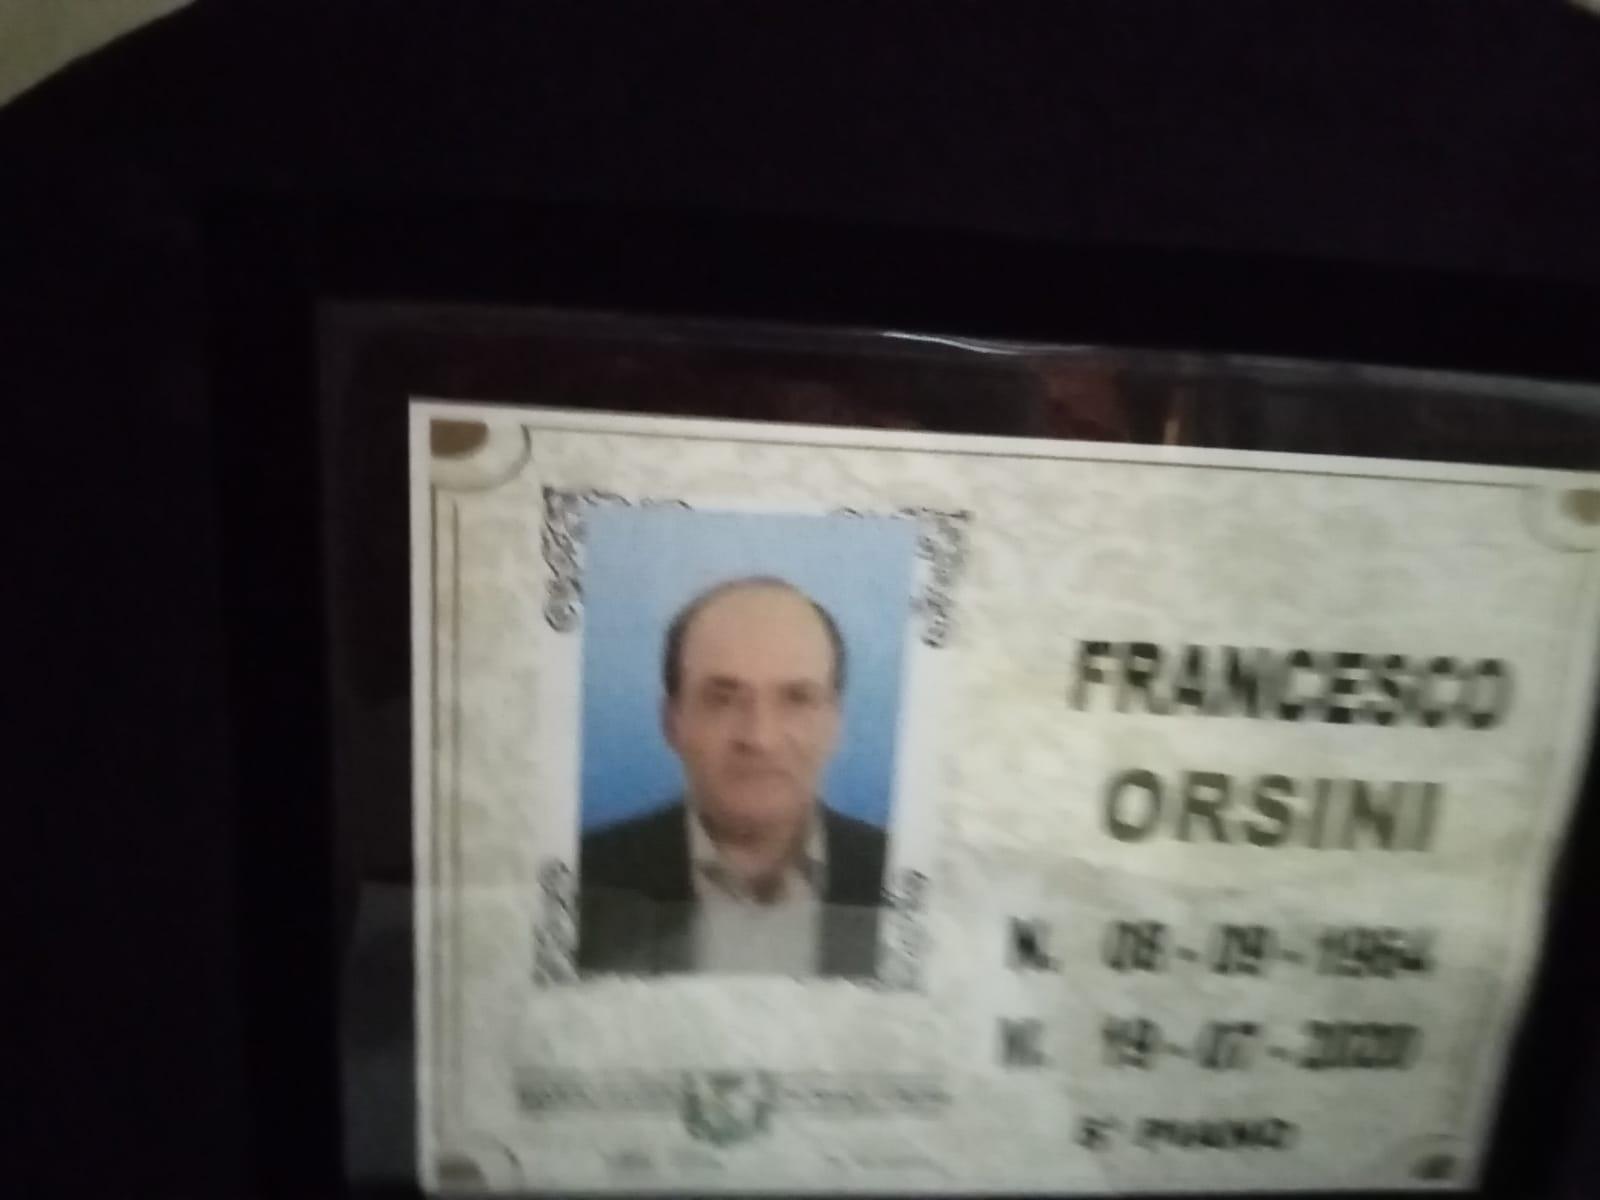 Nocera Inferiore: addio a Franco Orsini, una persona perbene